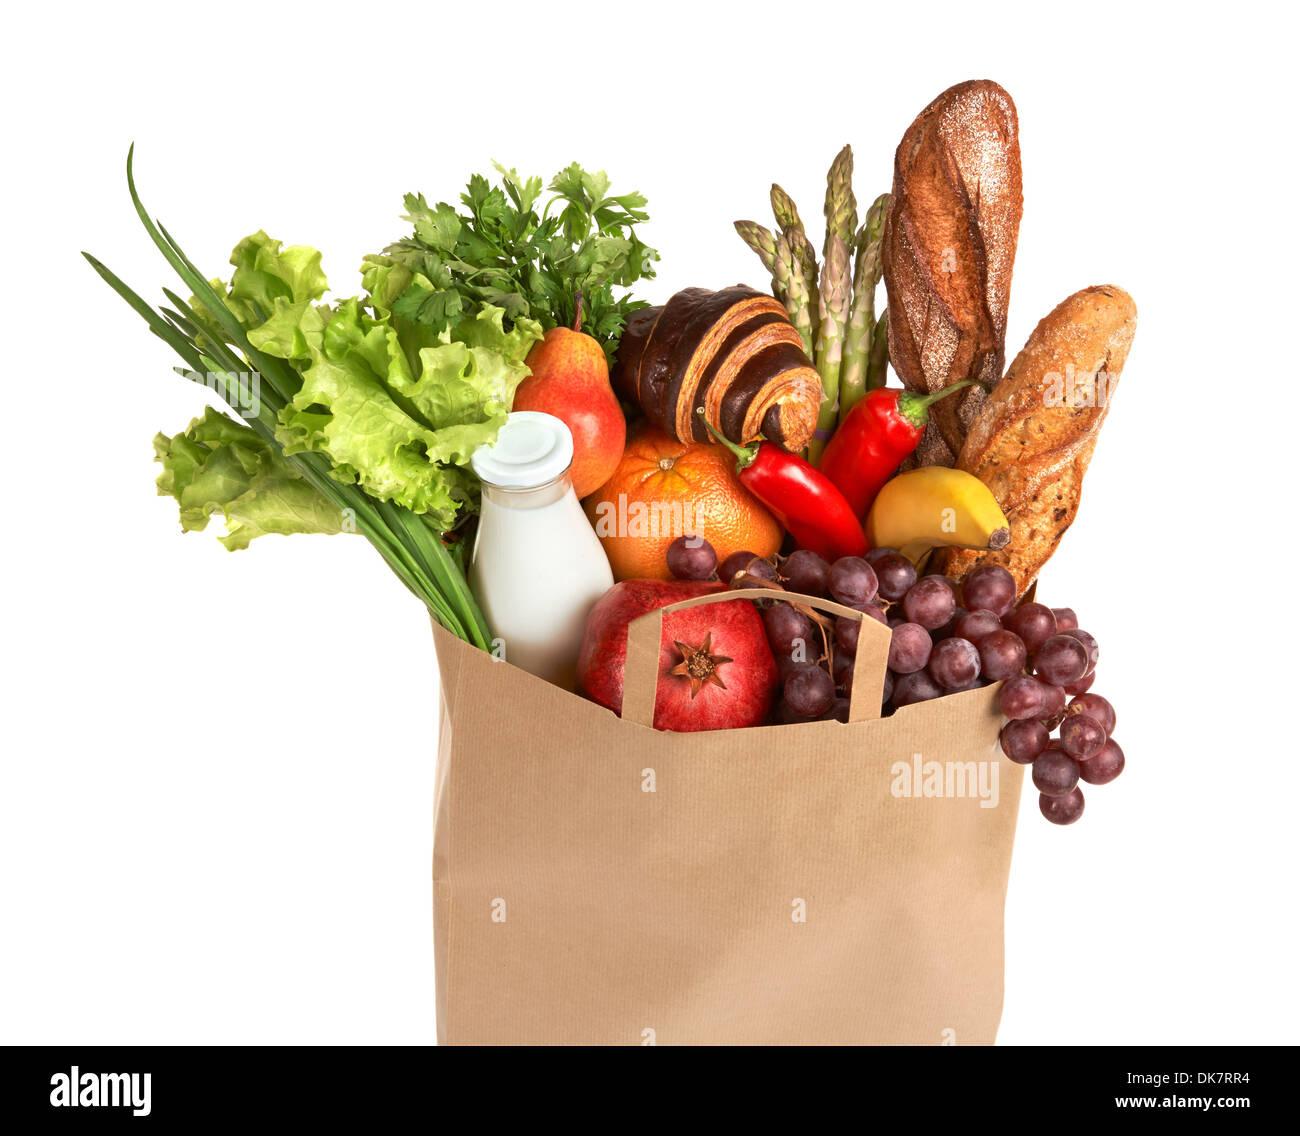 Un sac d'épicerie rempli de fruits et légumes sains Photo Stock